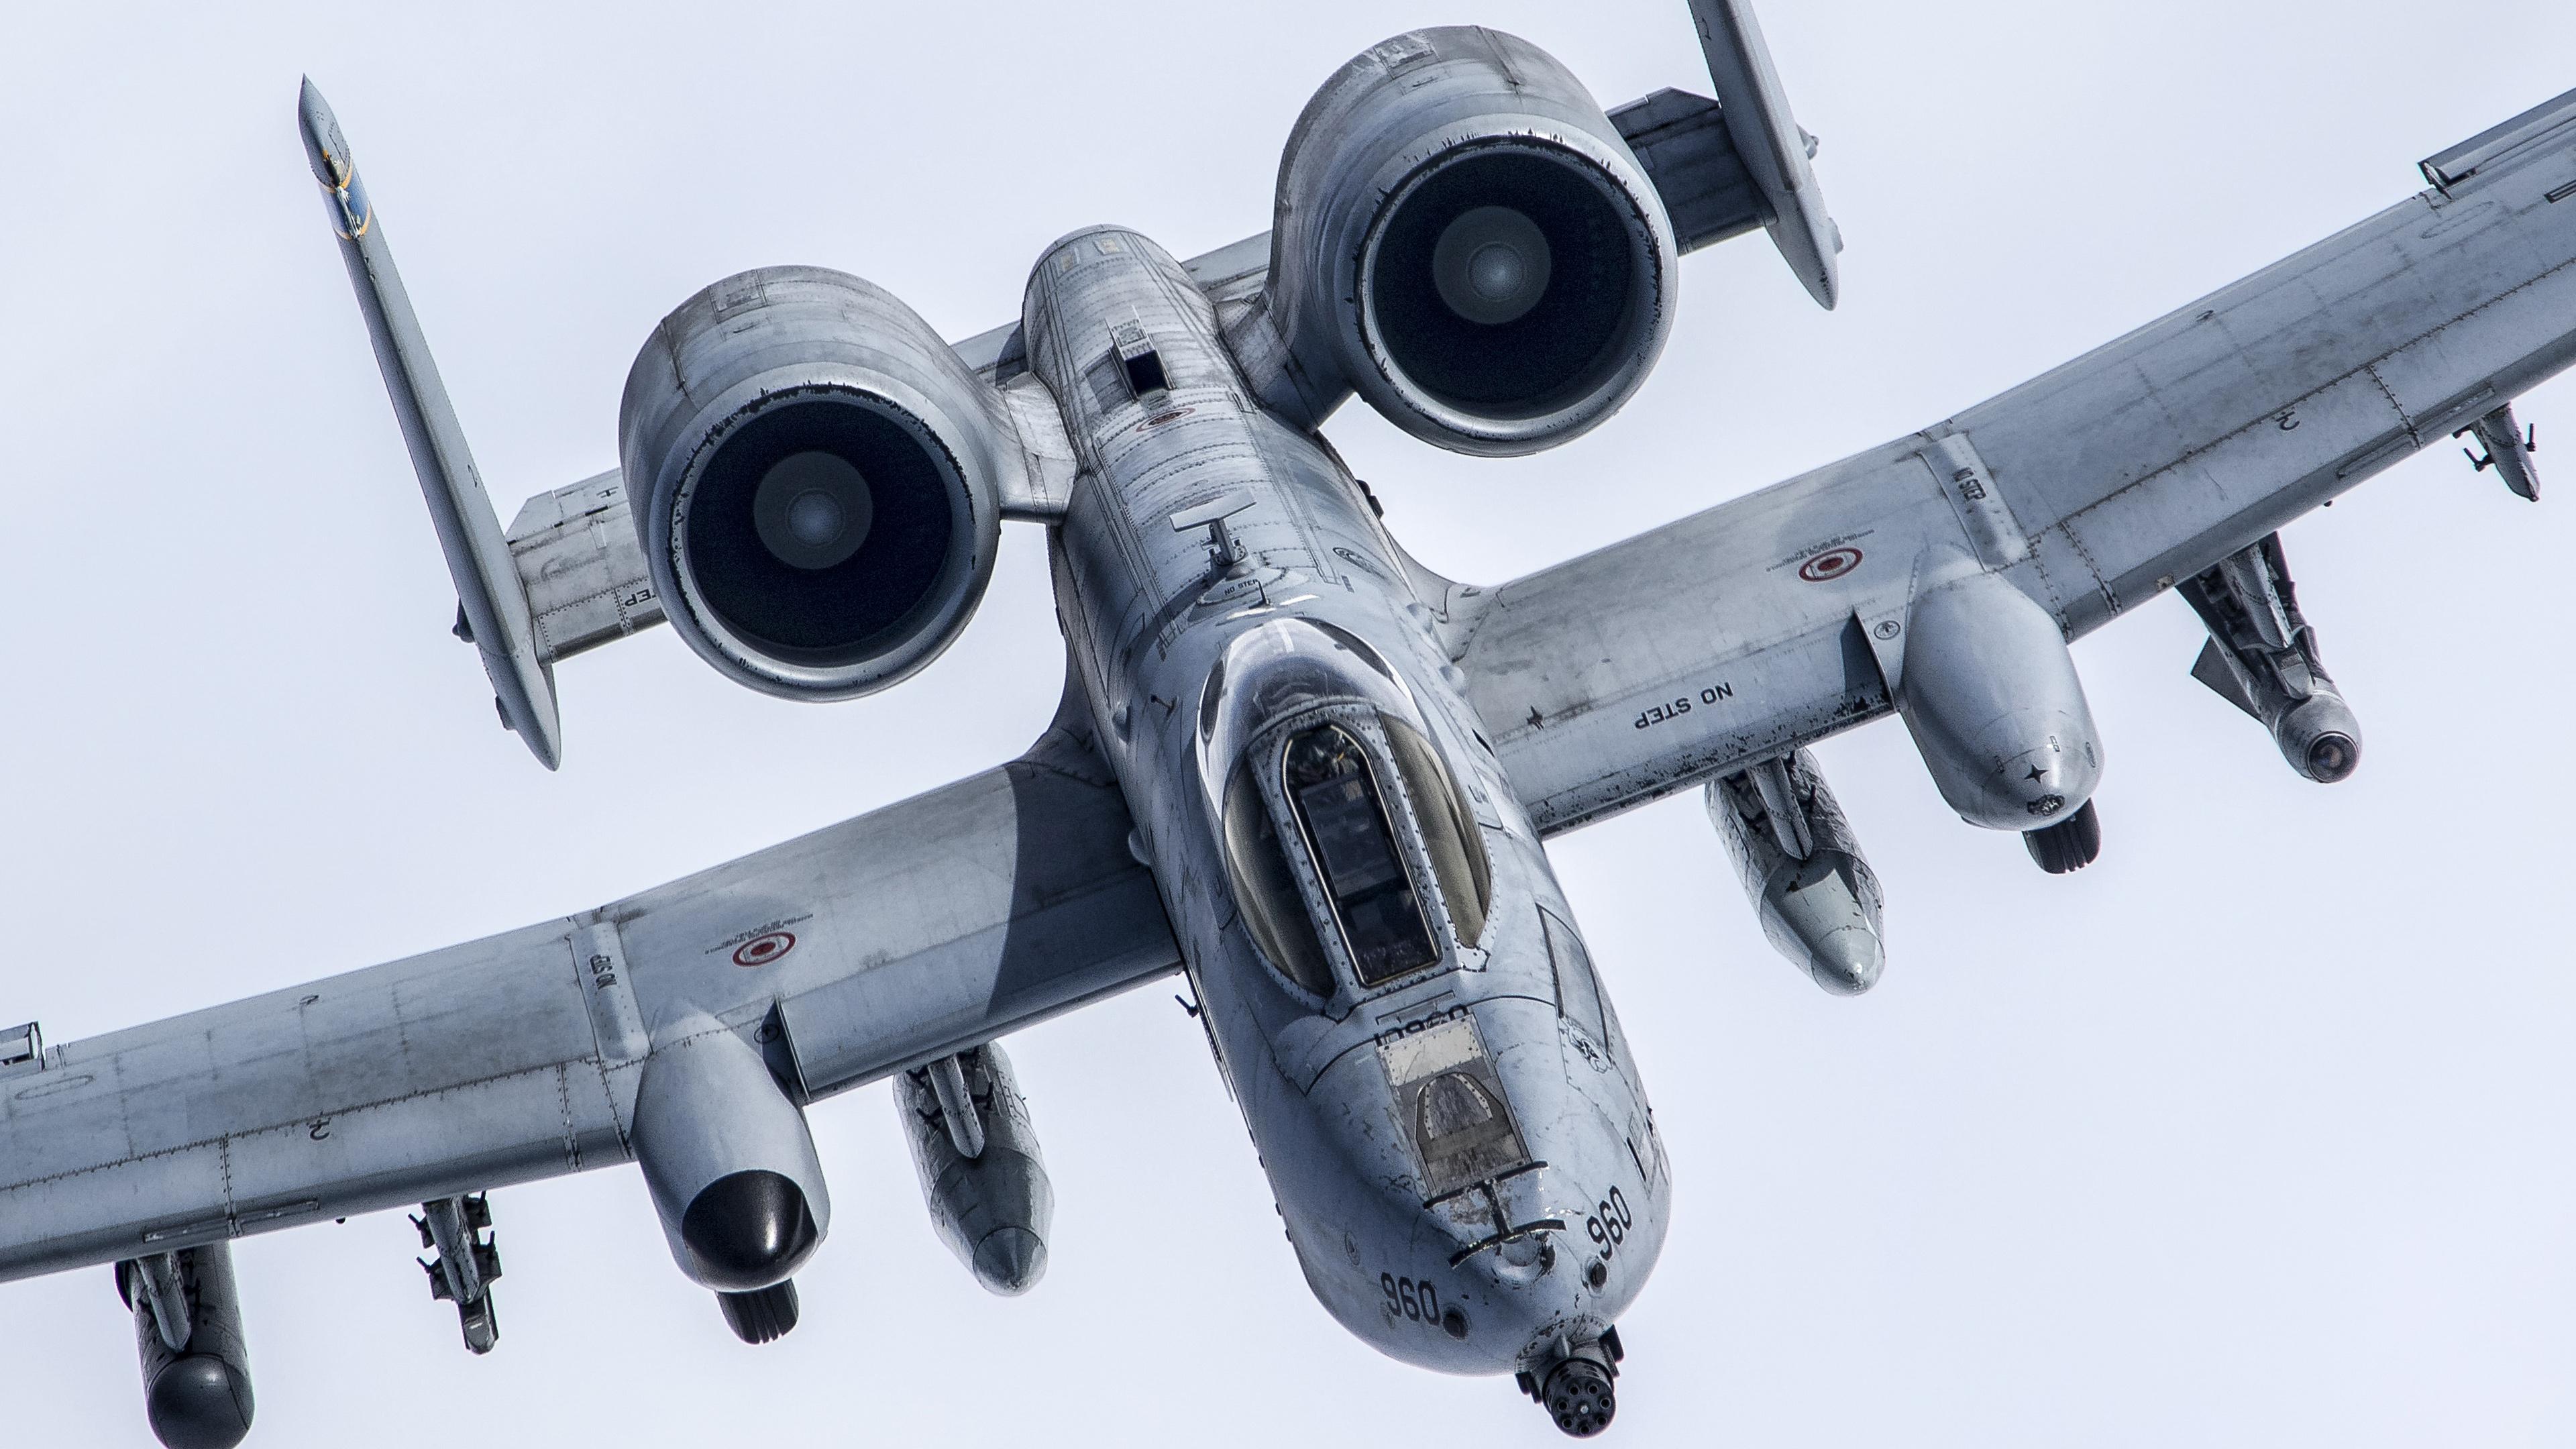 Боевой истребитель штурмовик над облаками